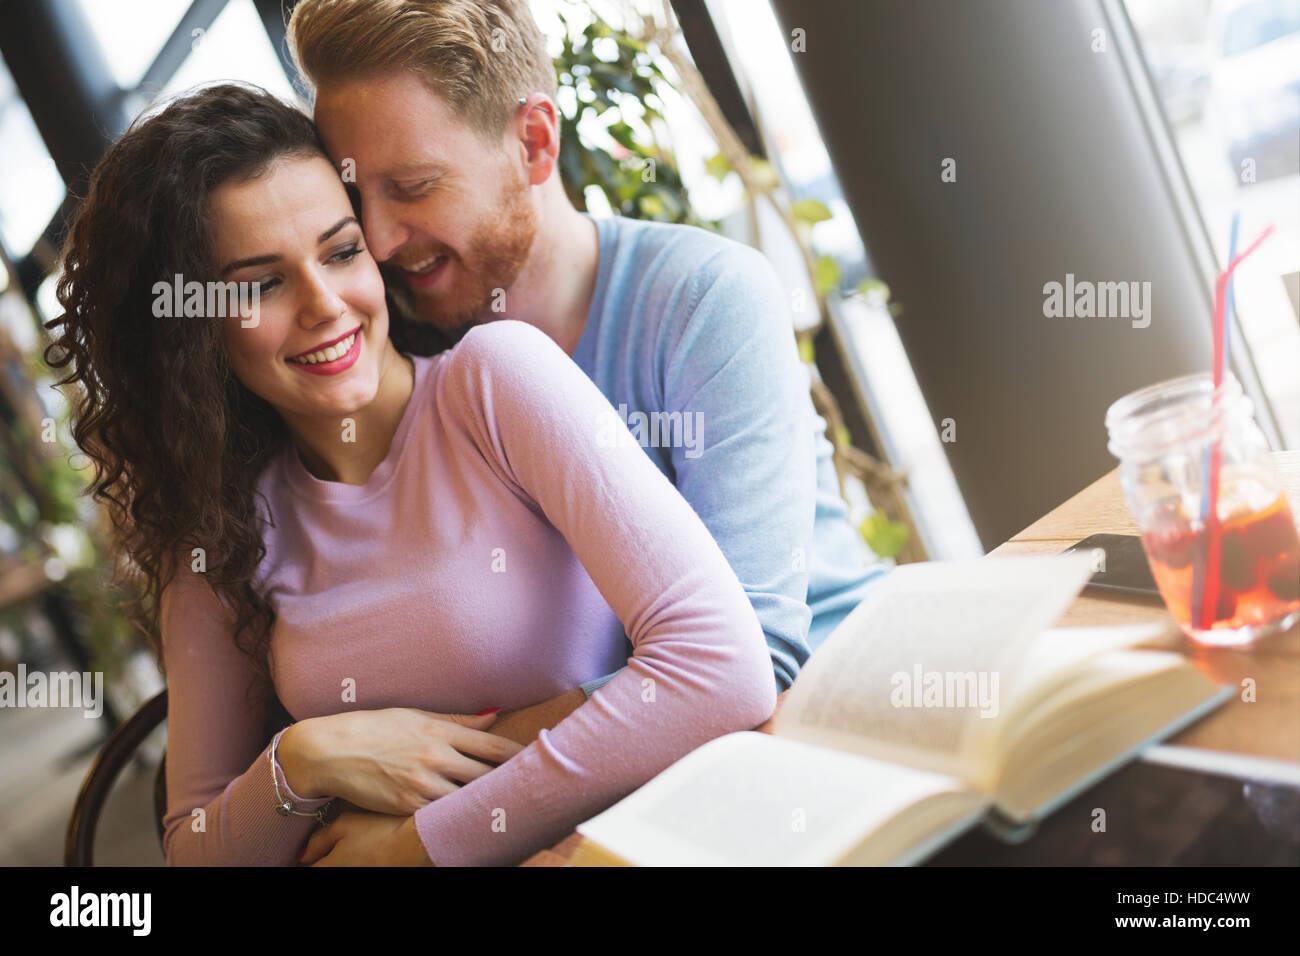 Romantic couple in love bonding in cafe - Stock Image